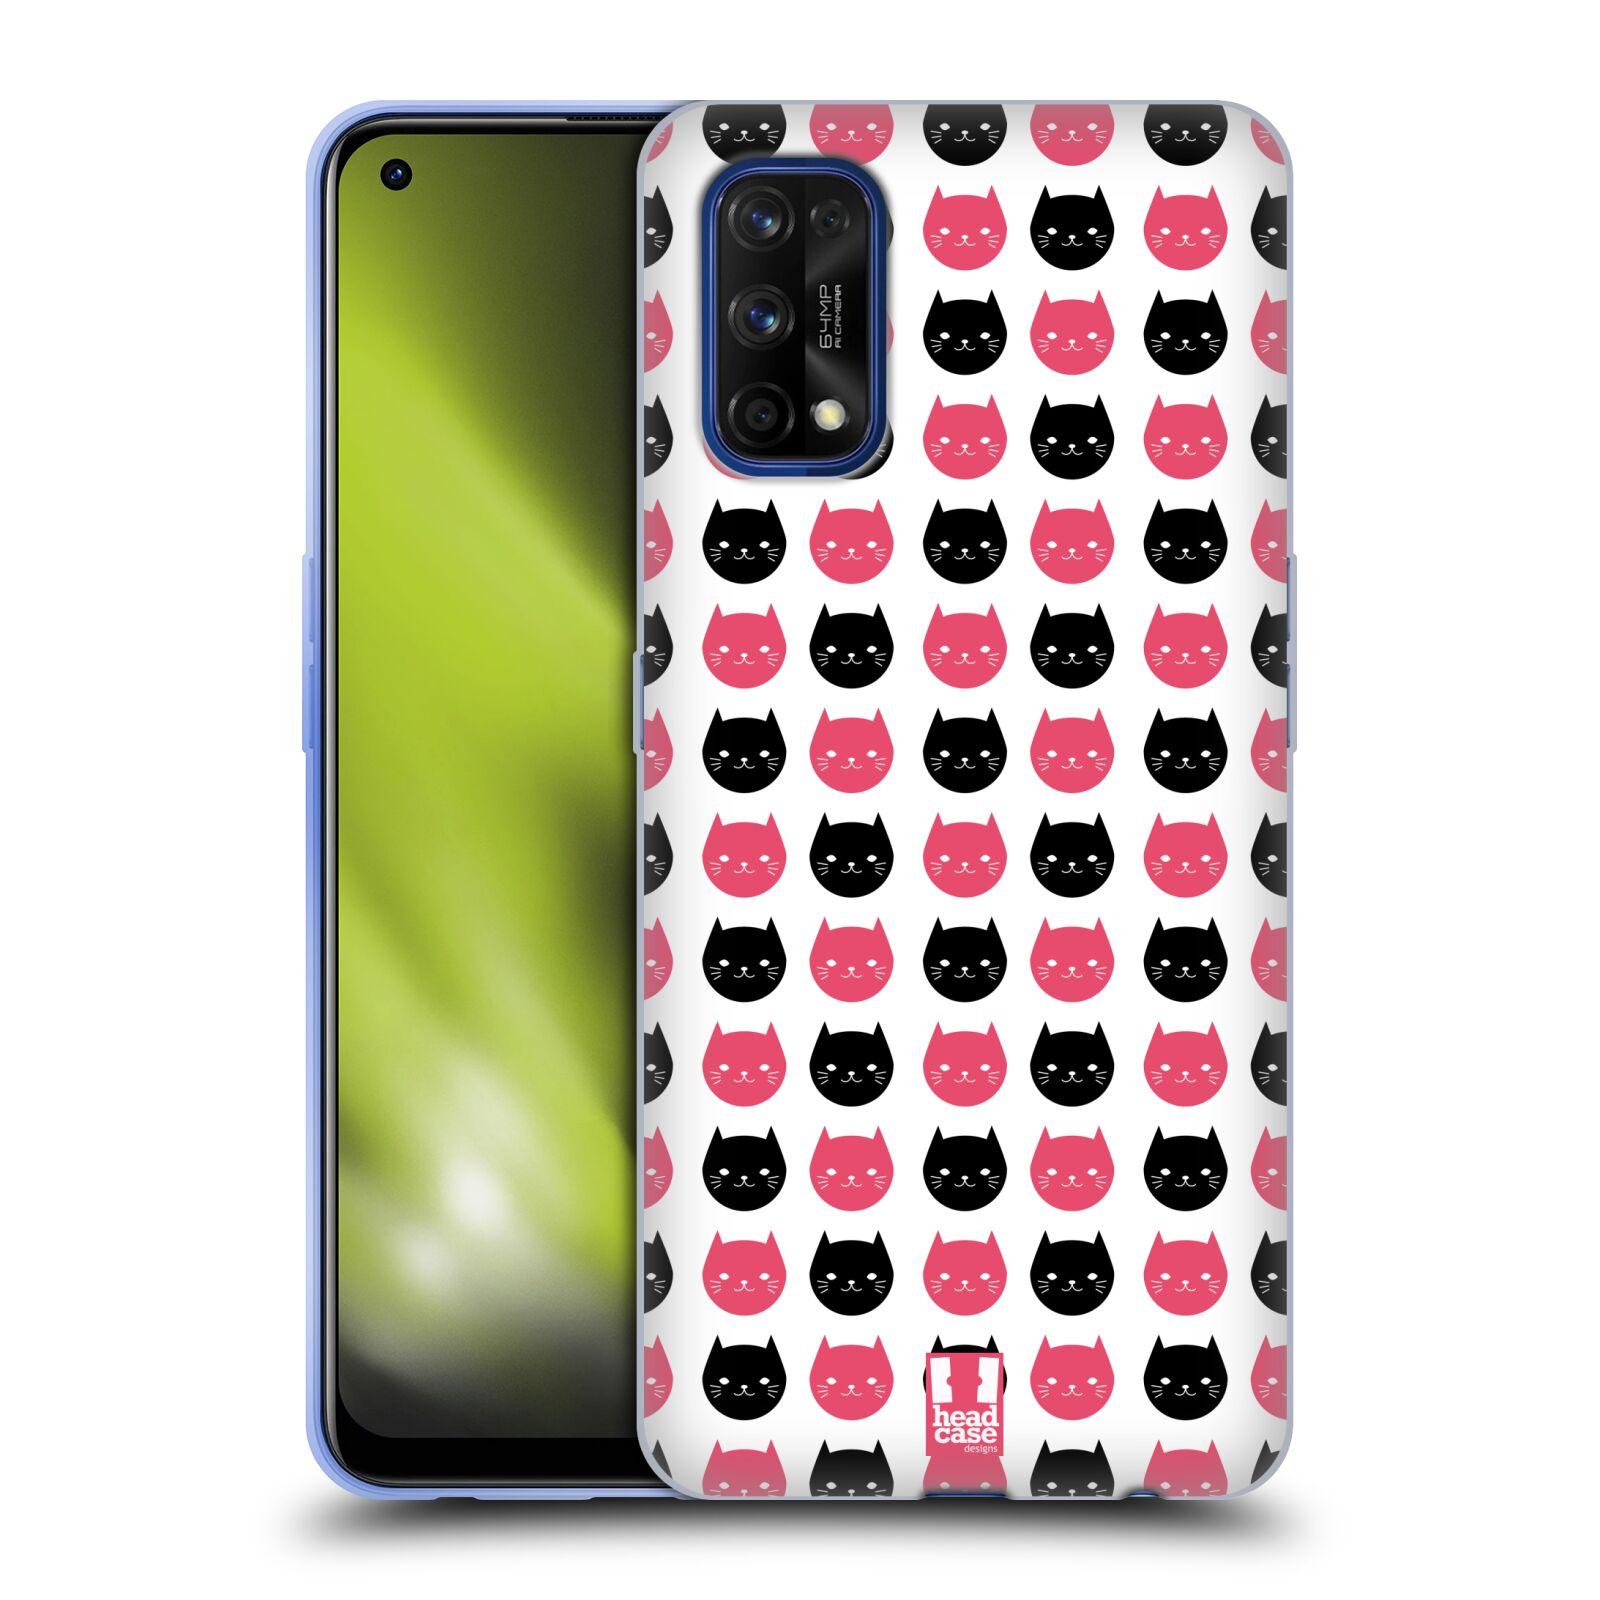 Silikonové pouzdro na mobil Realme 7 Pro - Head Case - KOČKY Black and Pink